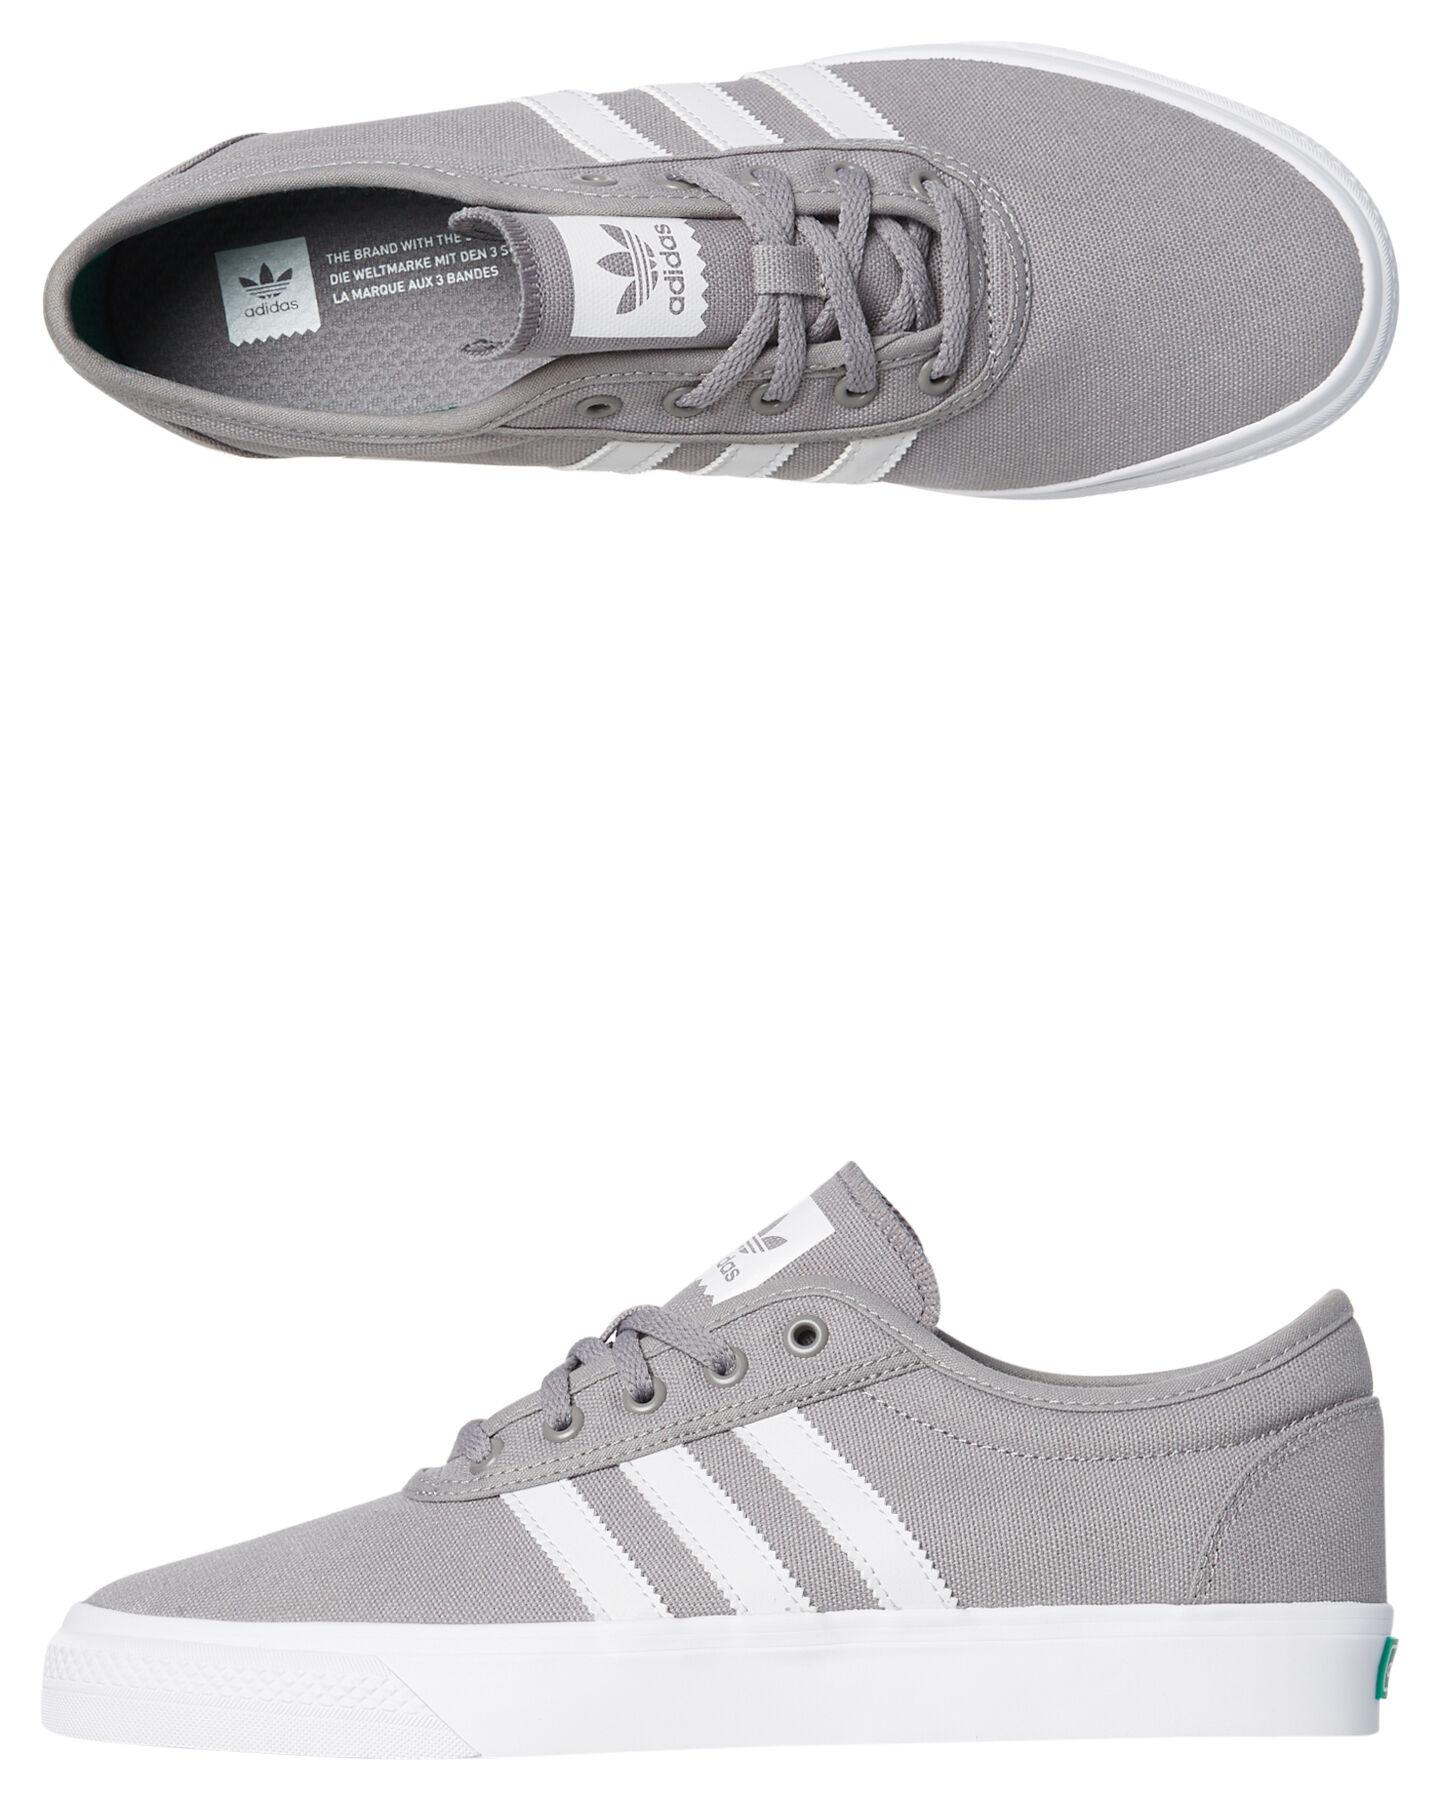 ... czech solid grey white womens footwear adidas sneakers ssb27798gryw  4c3e2 064e0 6aa80d5f52